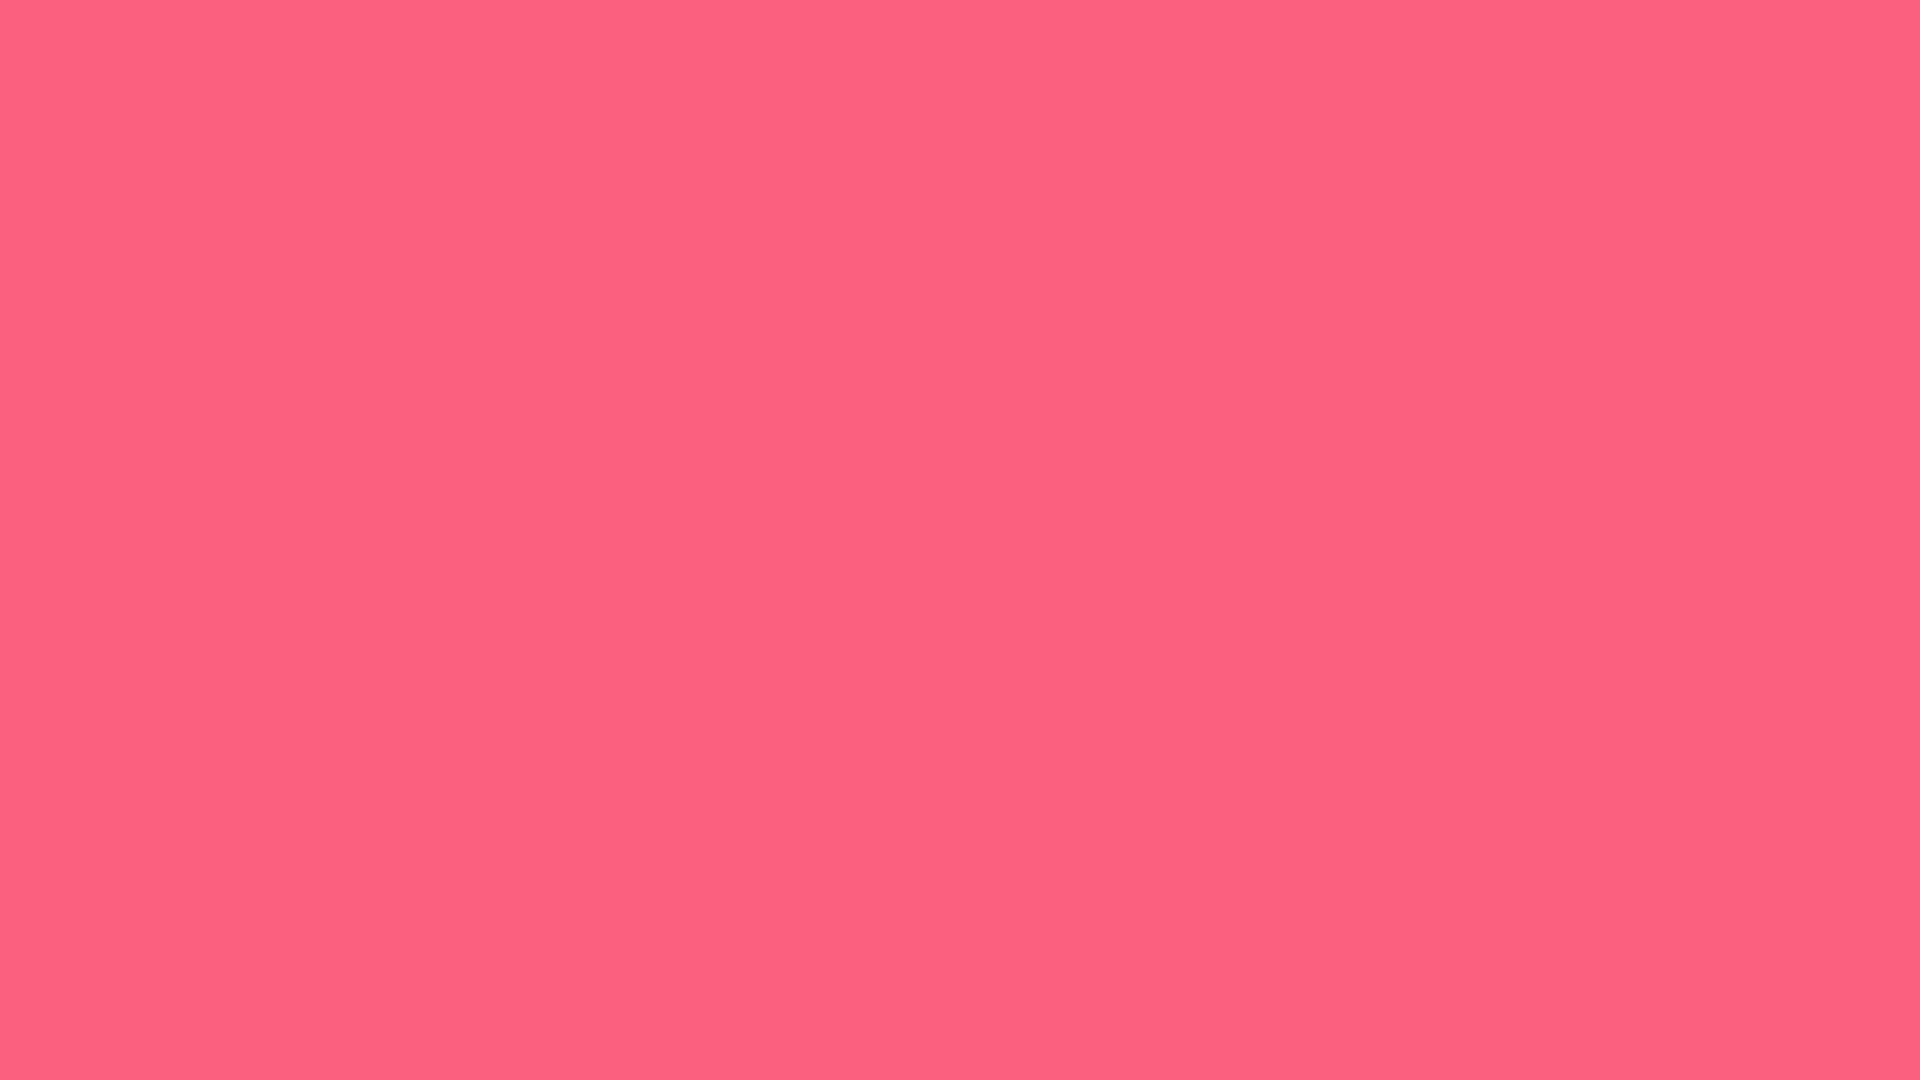 1920x1080 Brink Pink Solid Color Background